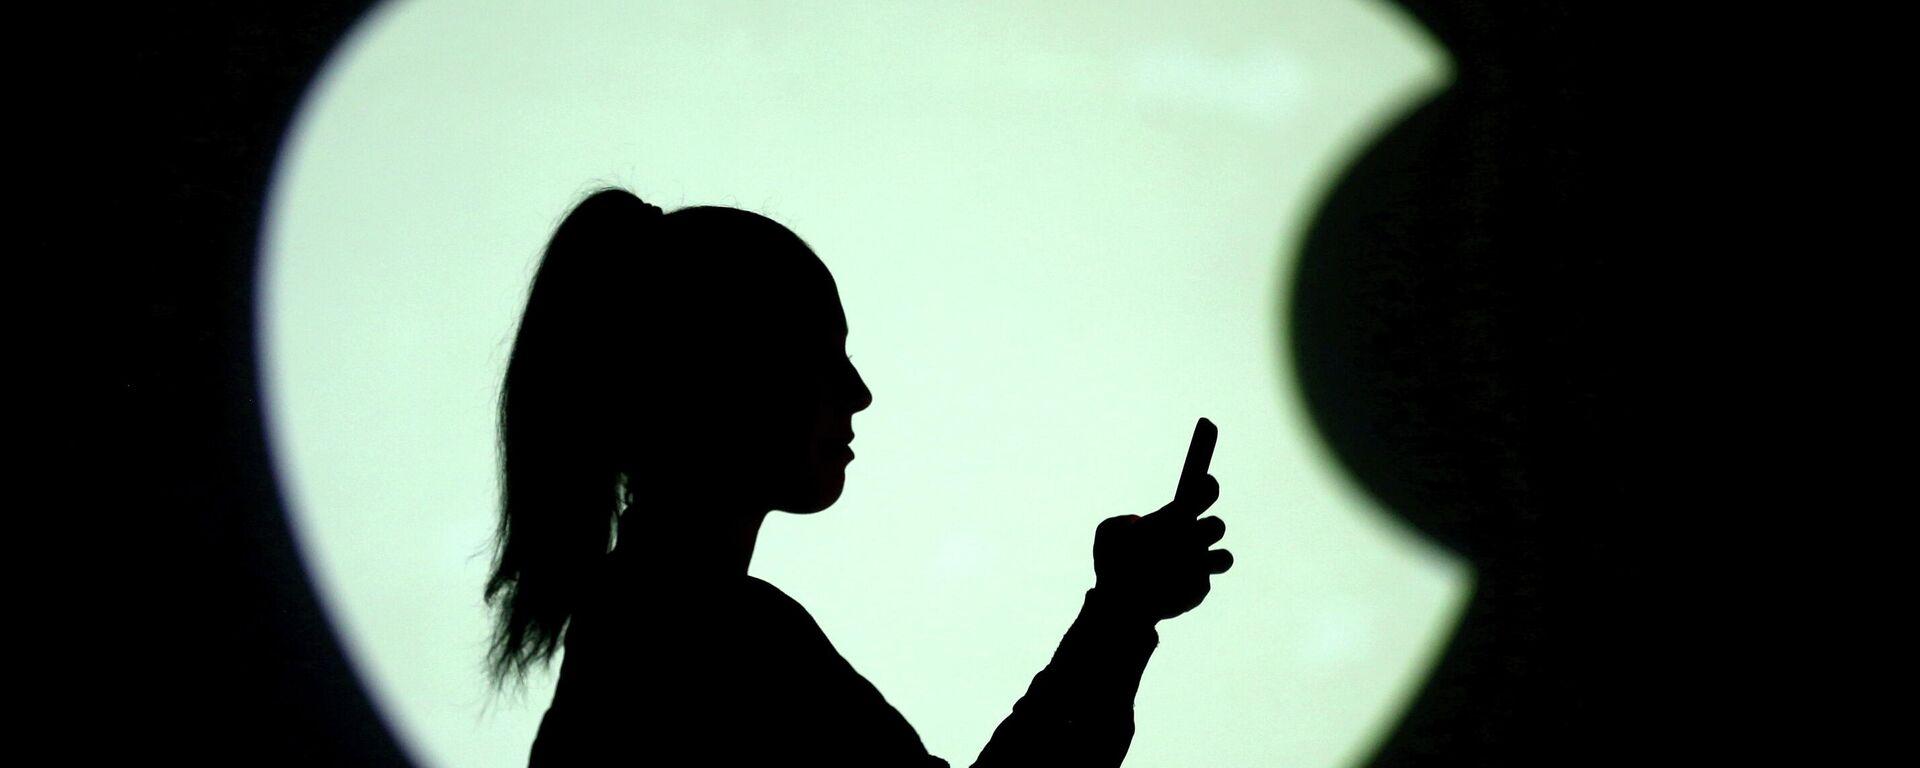 Una persona con un teléfono en el fondo del logo de Apple - Sputnik Mundo, 1920, 19.05.2021